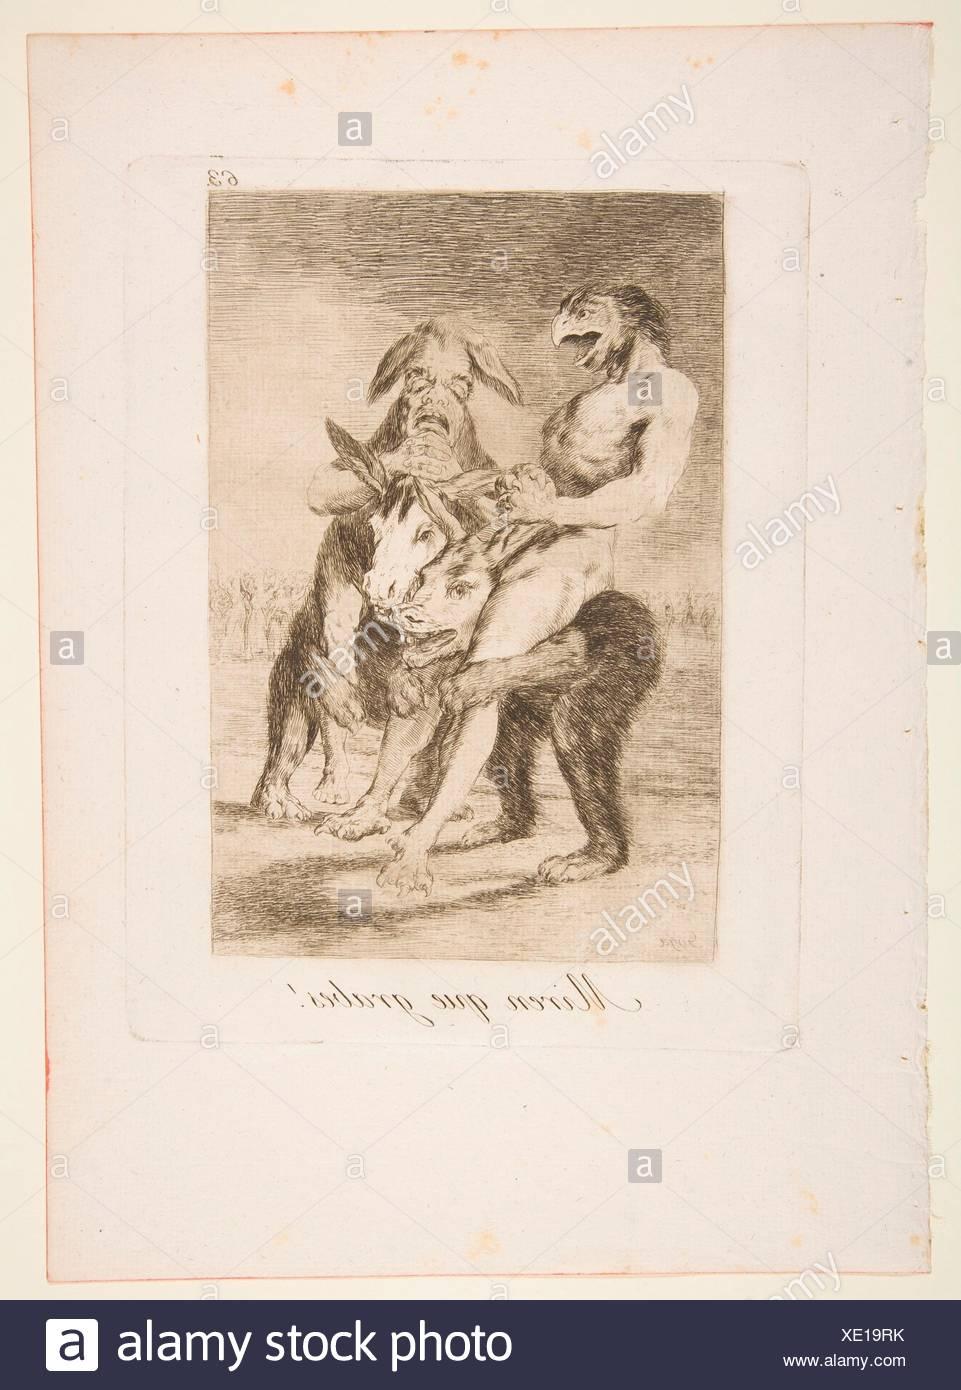 Plate 63 from 'Los Caprichos': Look how solemn they are! (Miren que grabes!). Series/Portfolio: Los Caprichos; Artist: Goya (Francisco de Goya y - Stock Image